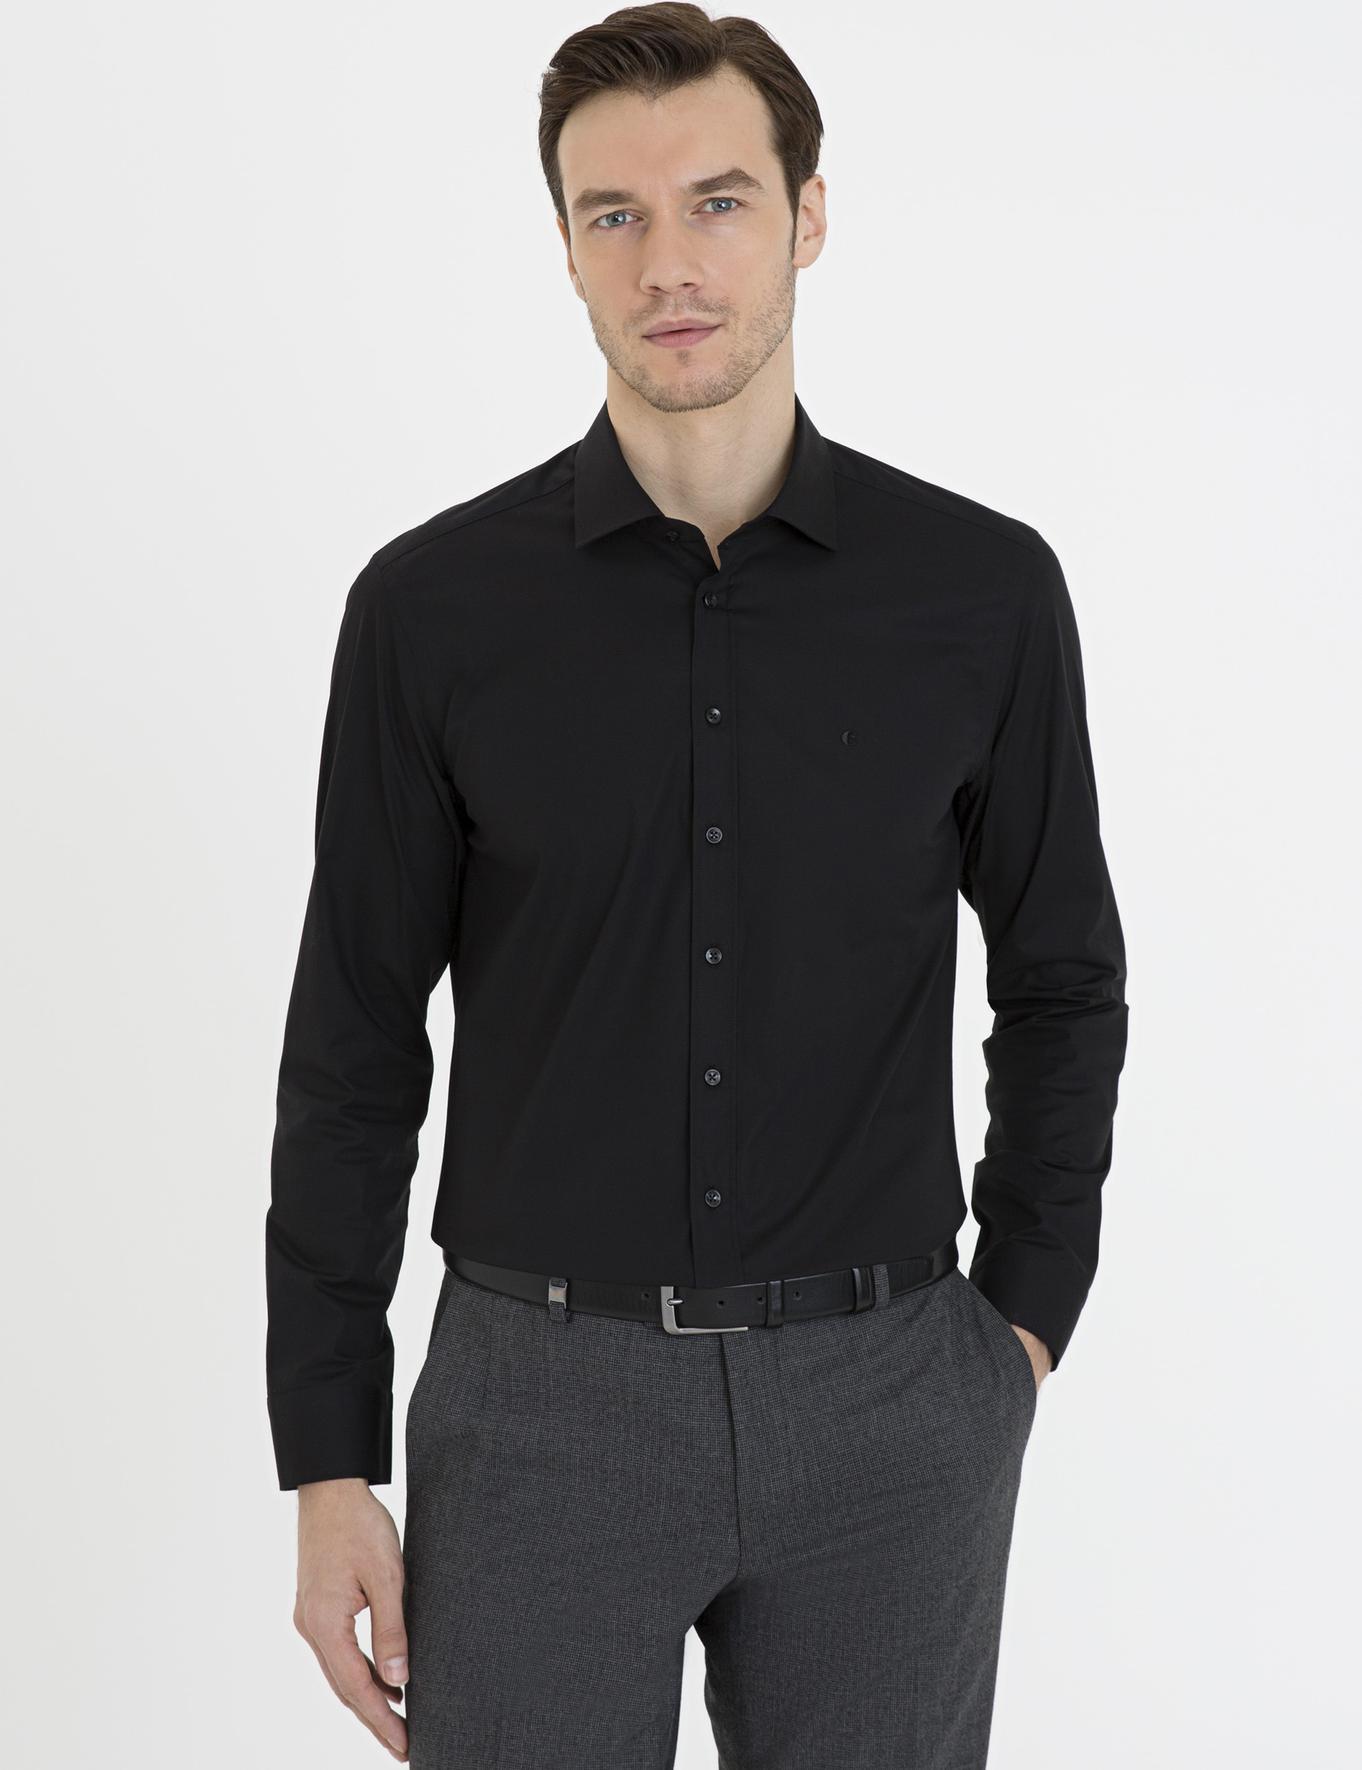 Siyah Slim Fit Gömlek - 50229437078